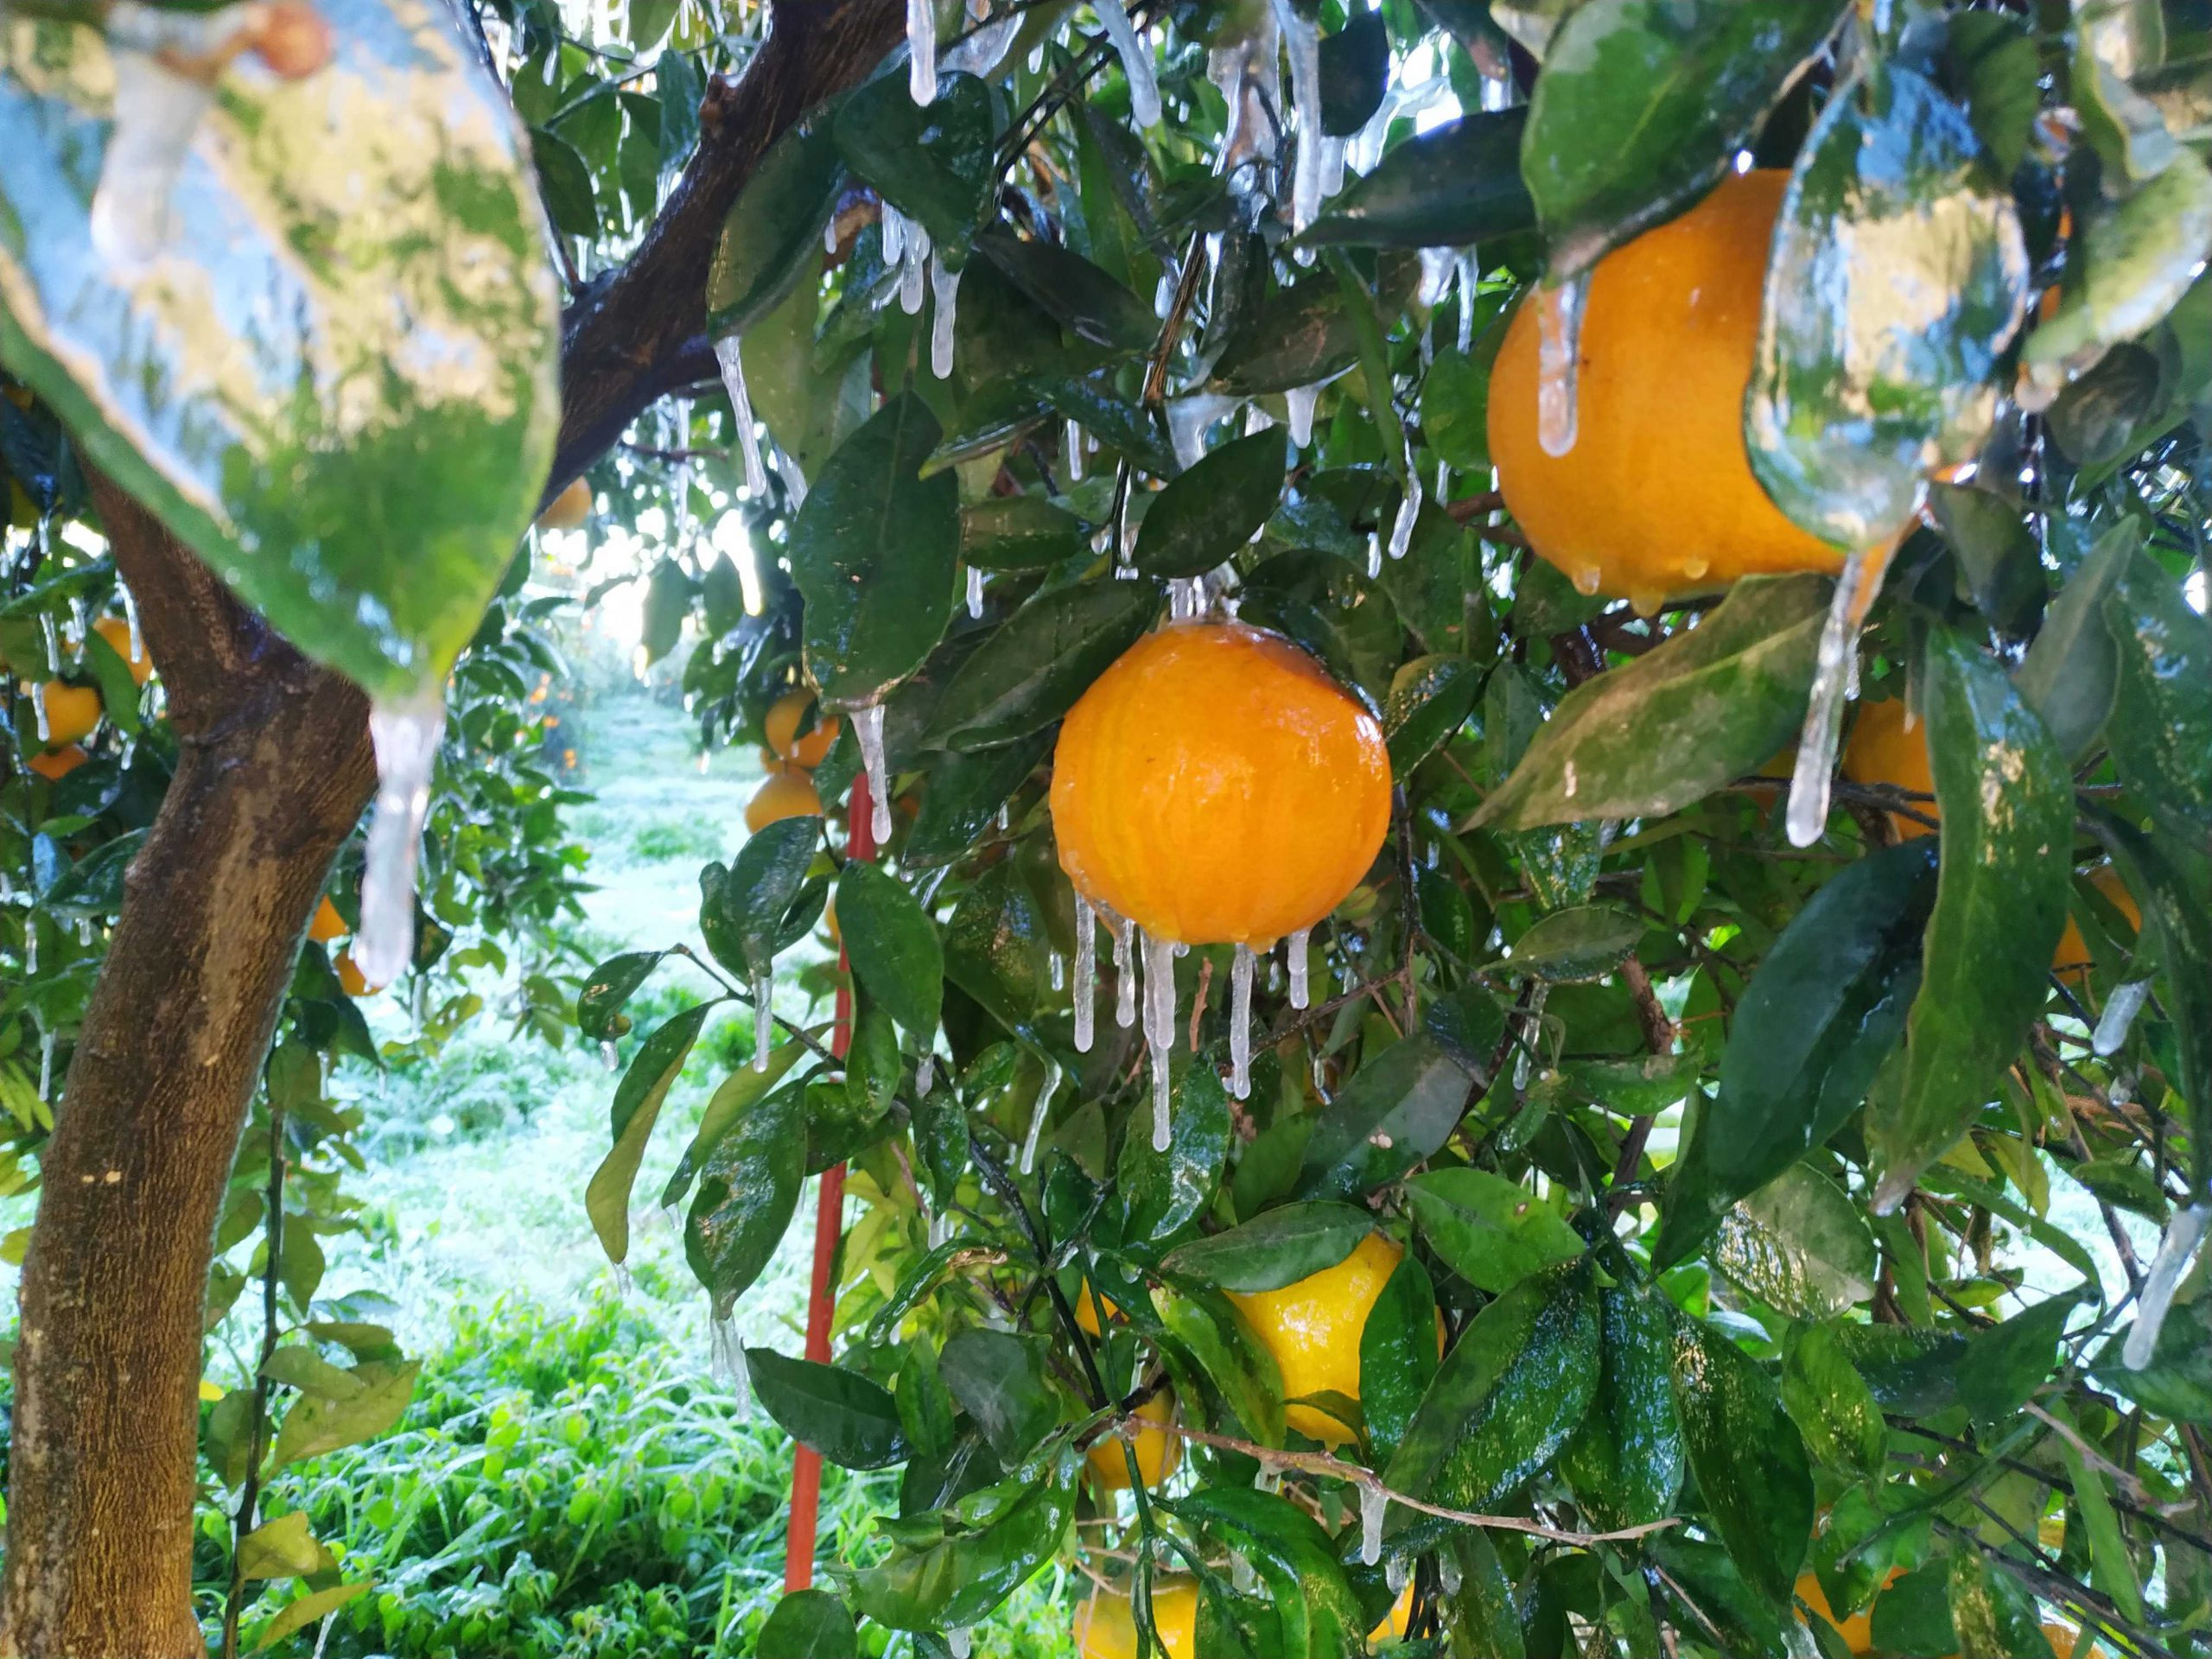 Naranjas congeladas en un naranjo